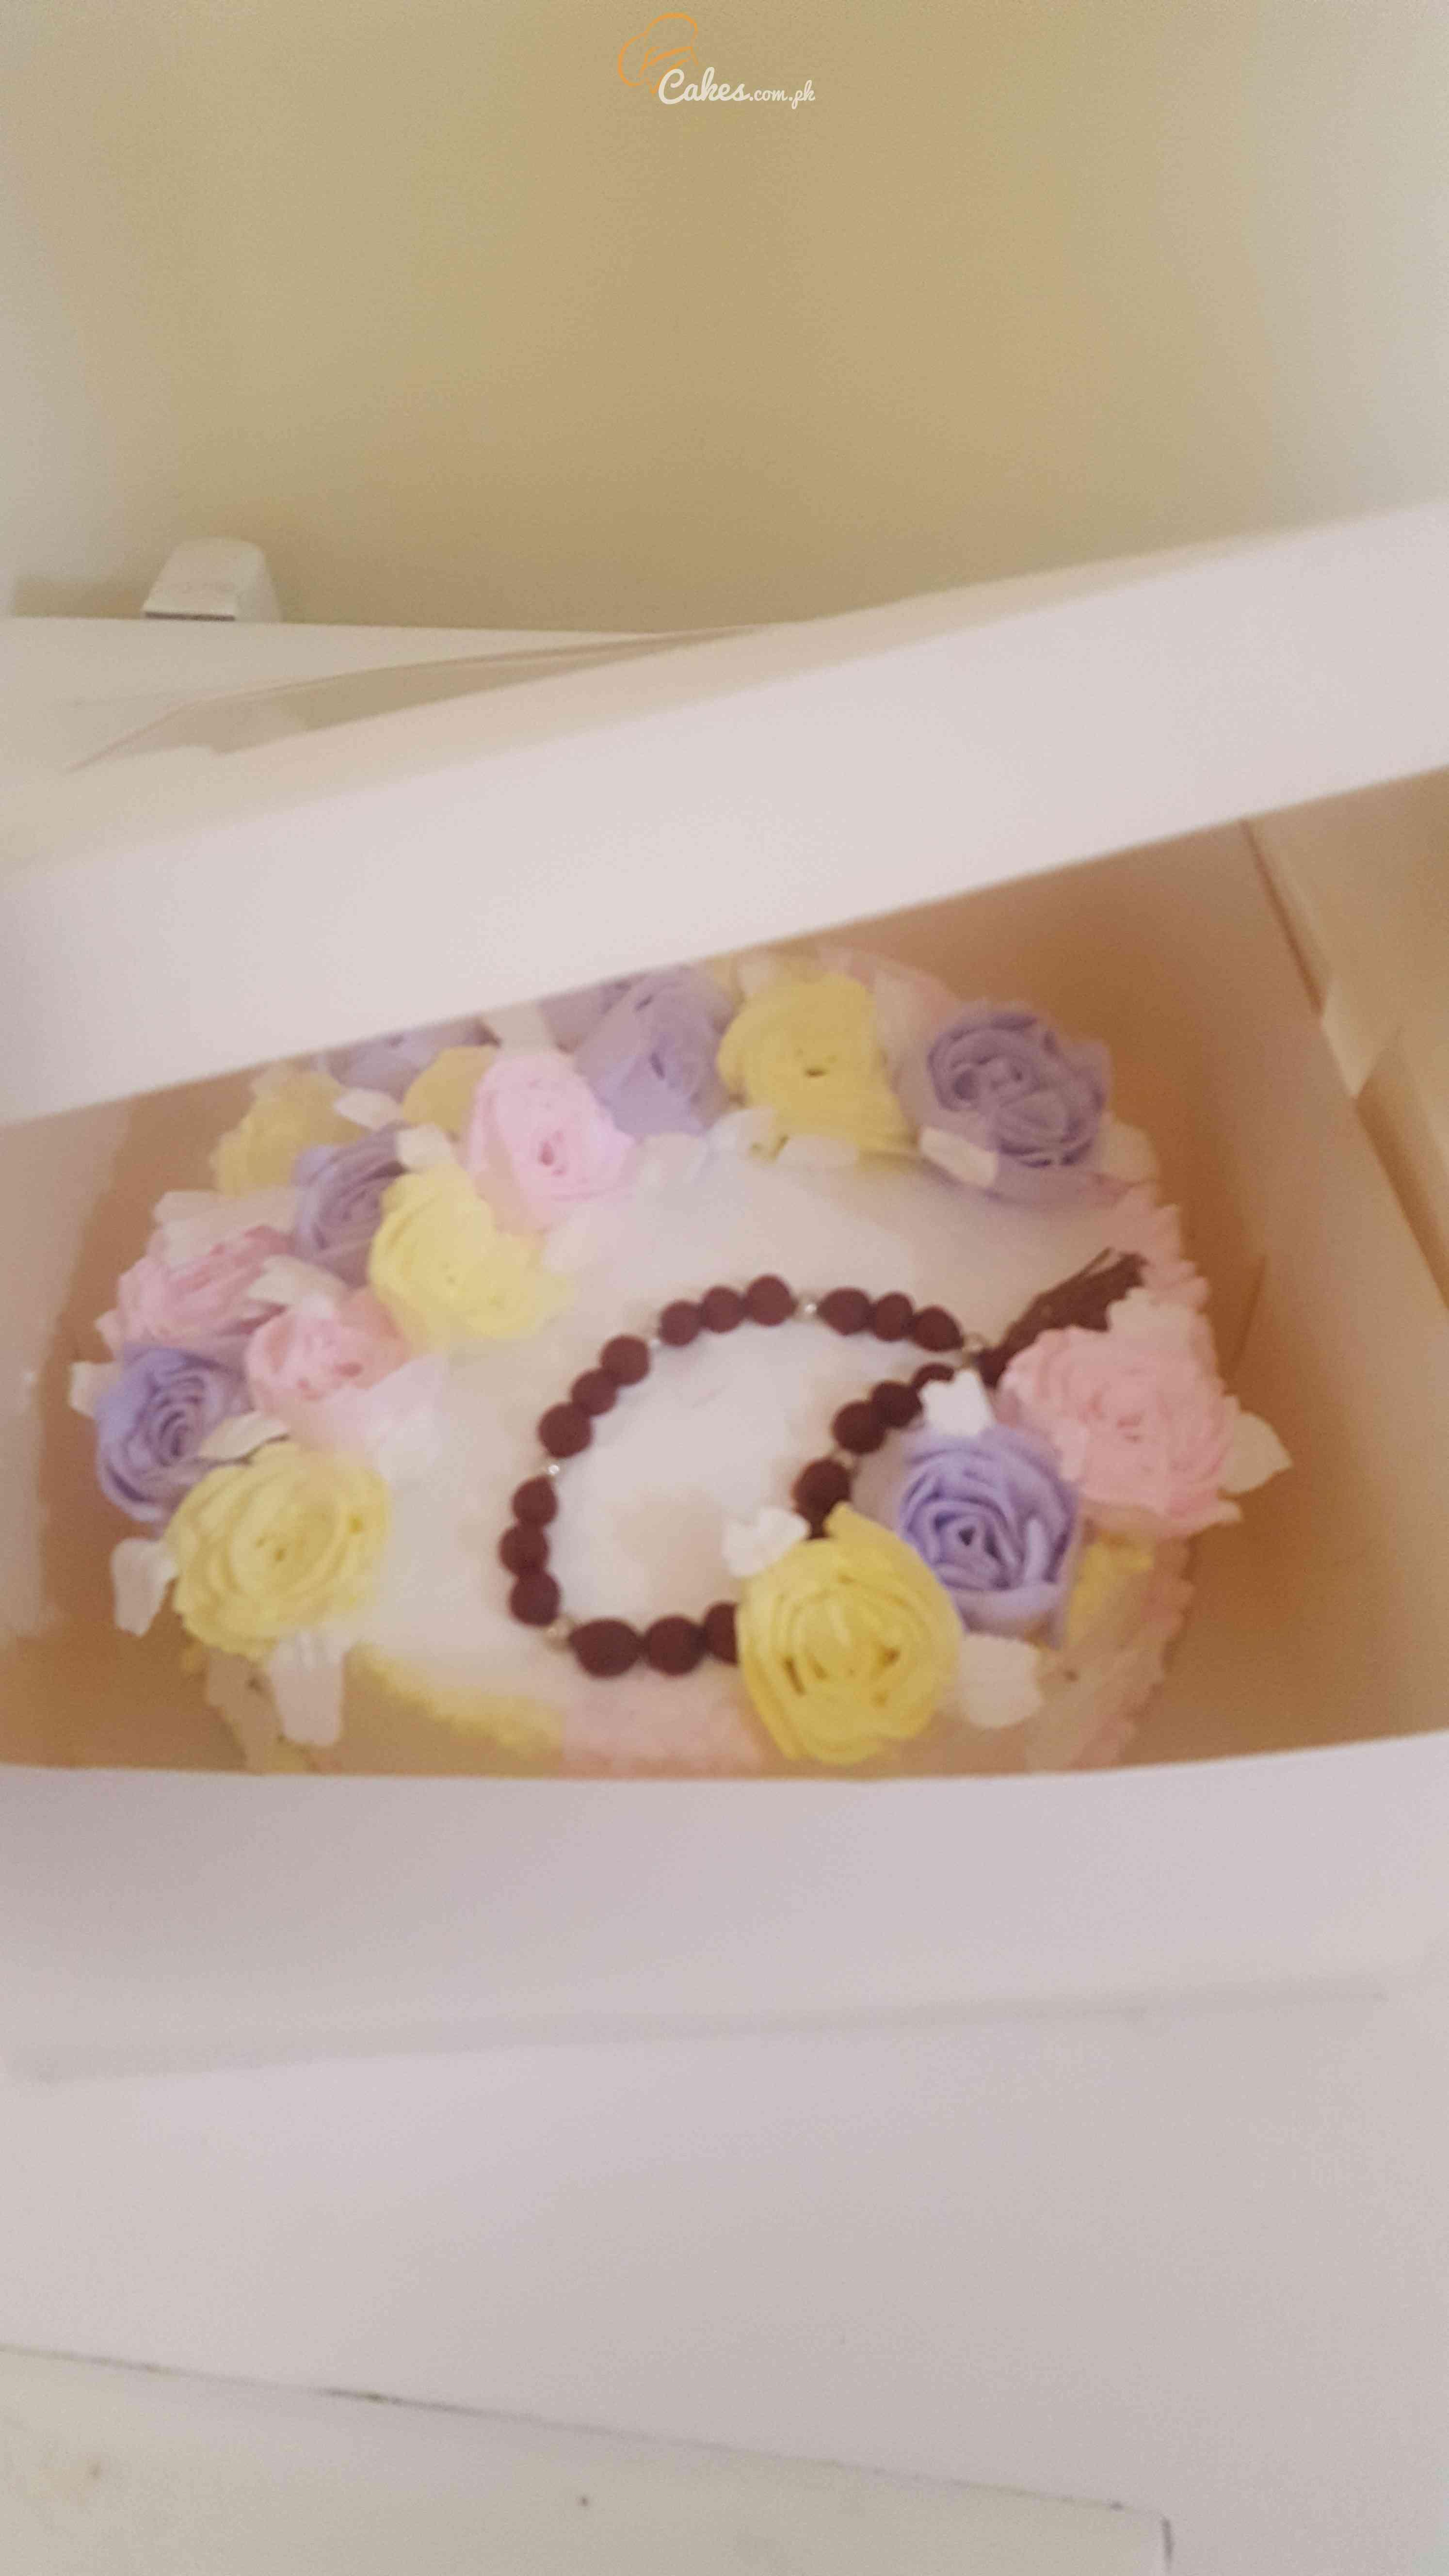 Umrah cake